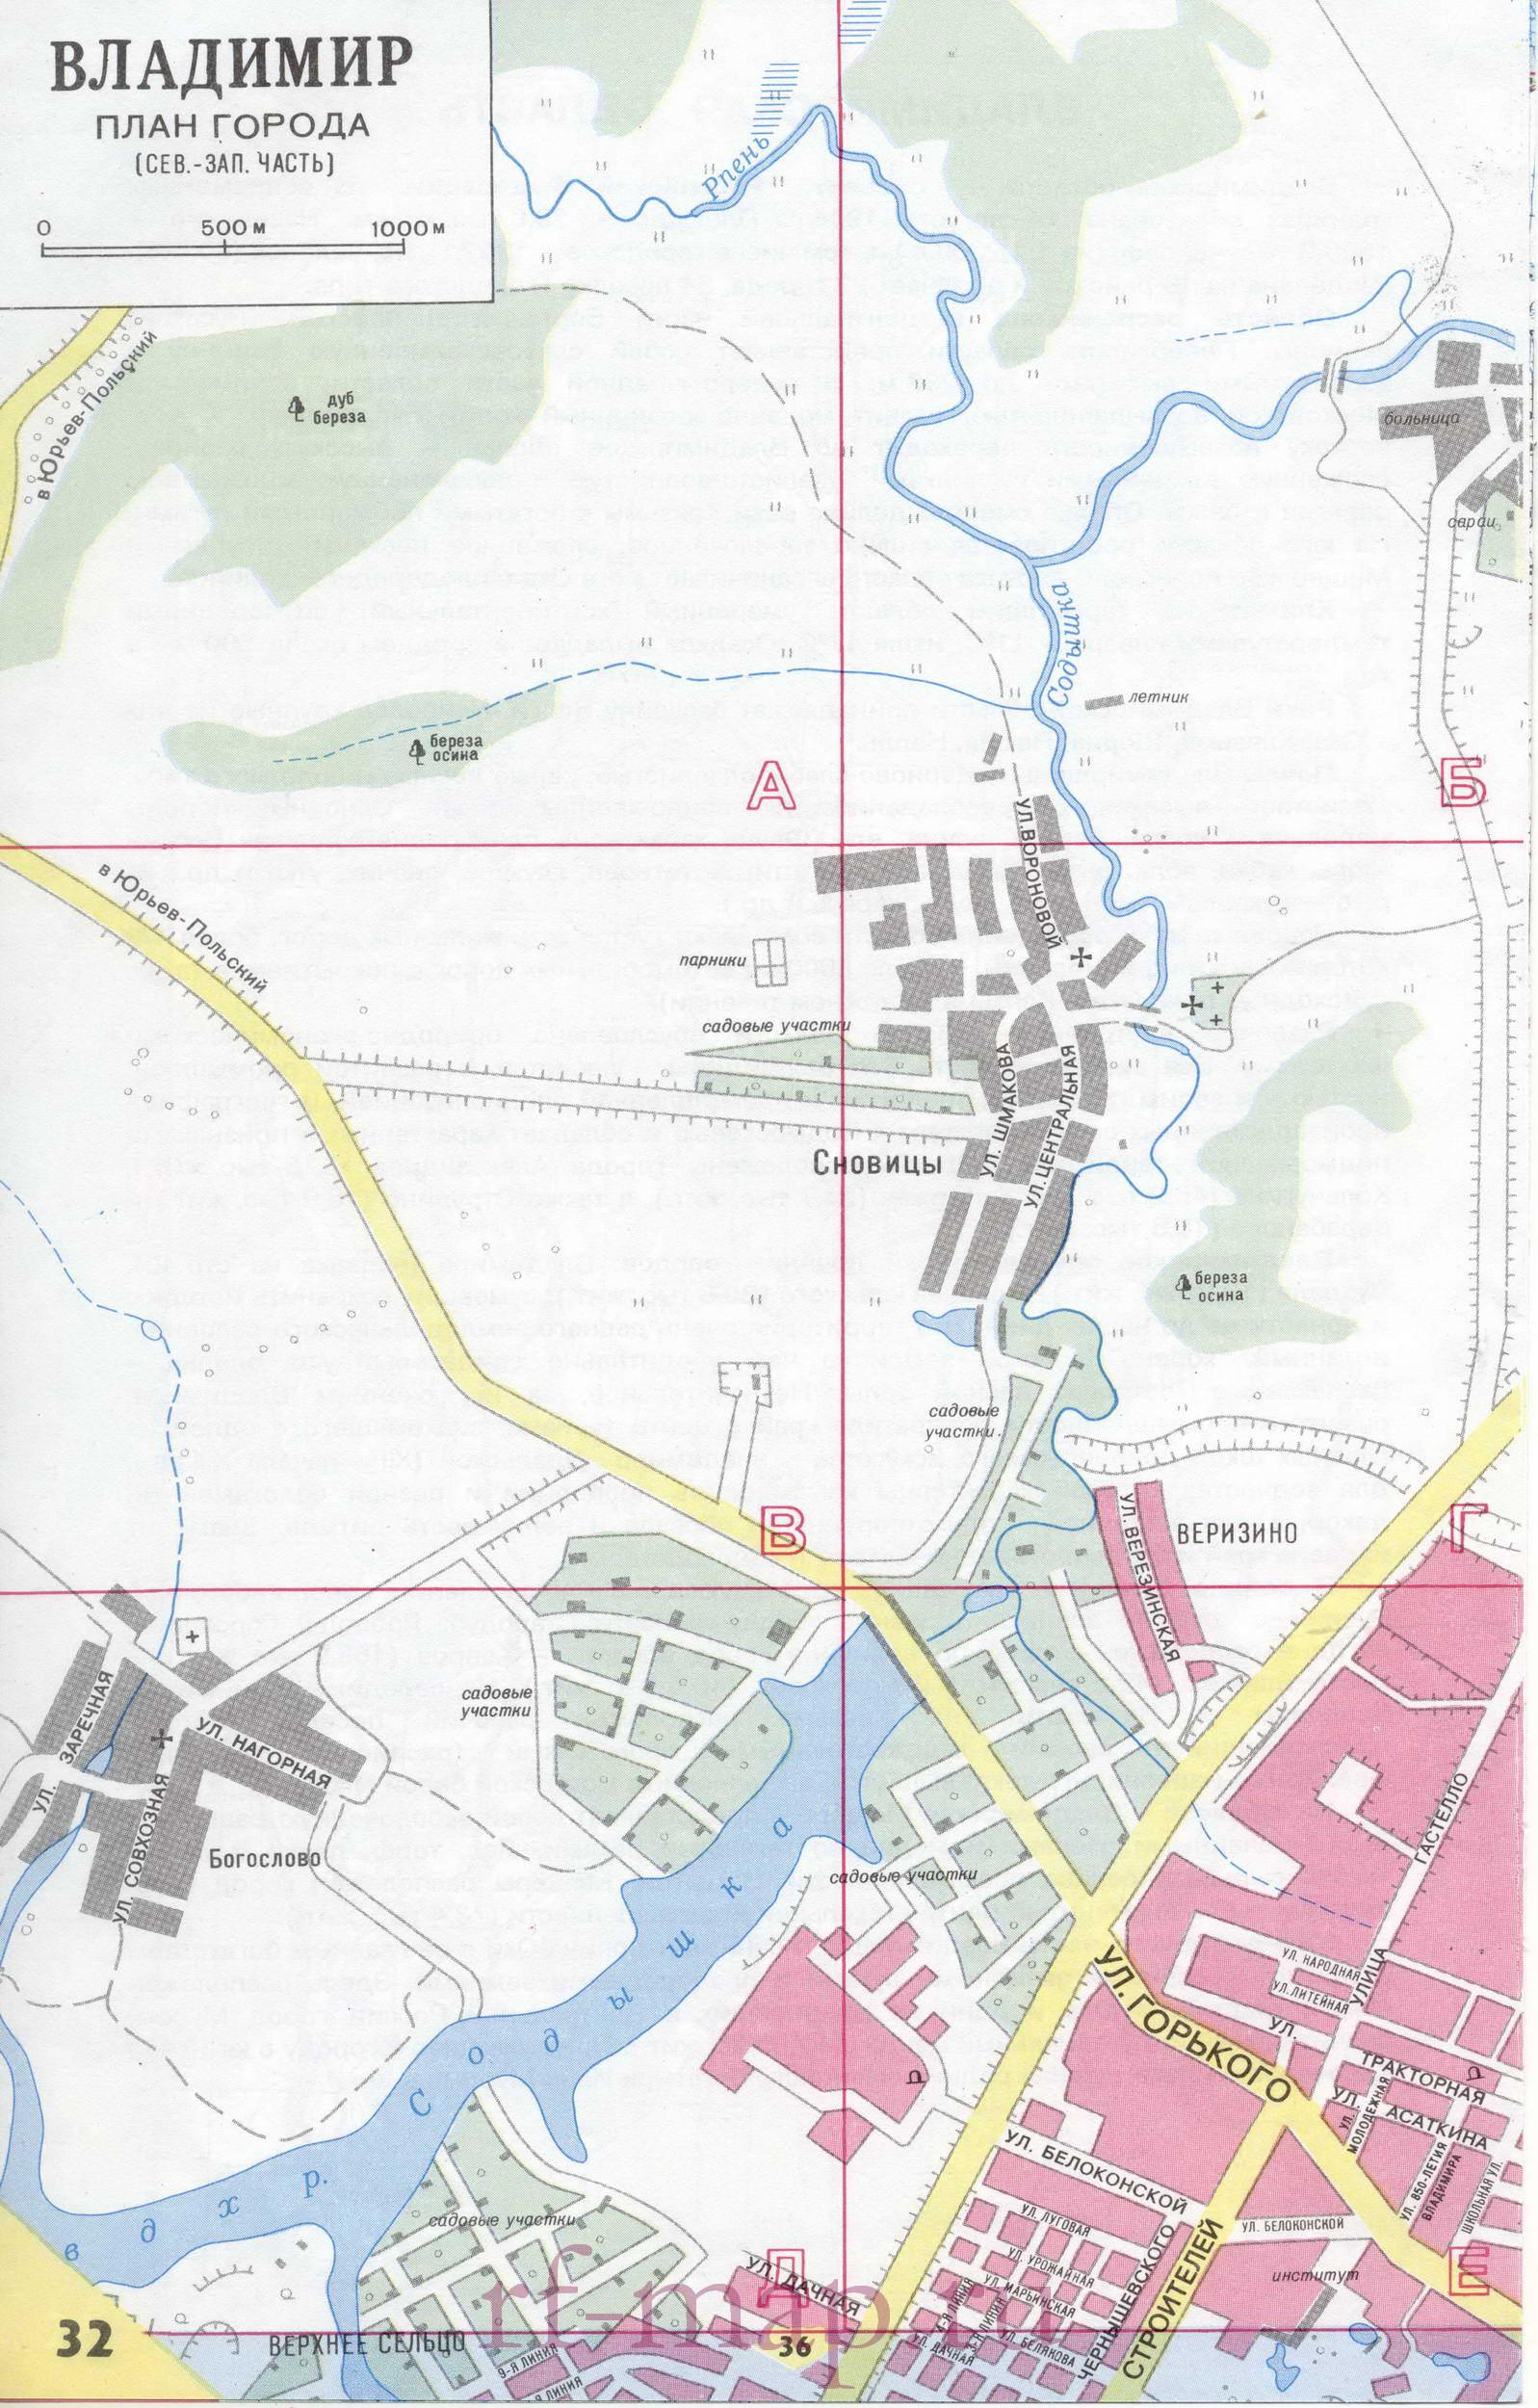 План карта города Владимир масштаба 1см:250м с названиями улиц и схемой транзитного проезда.